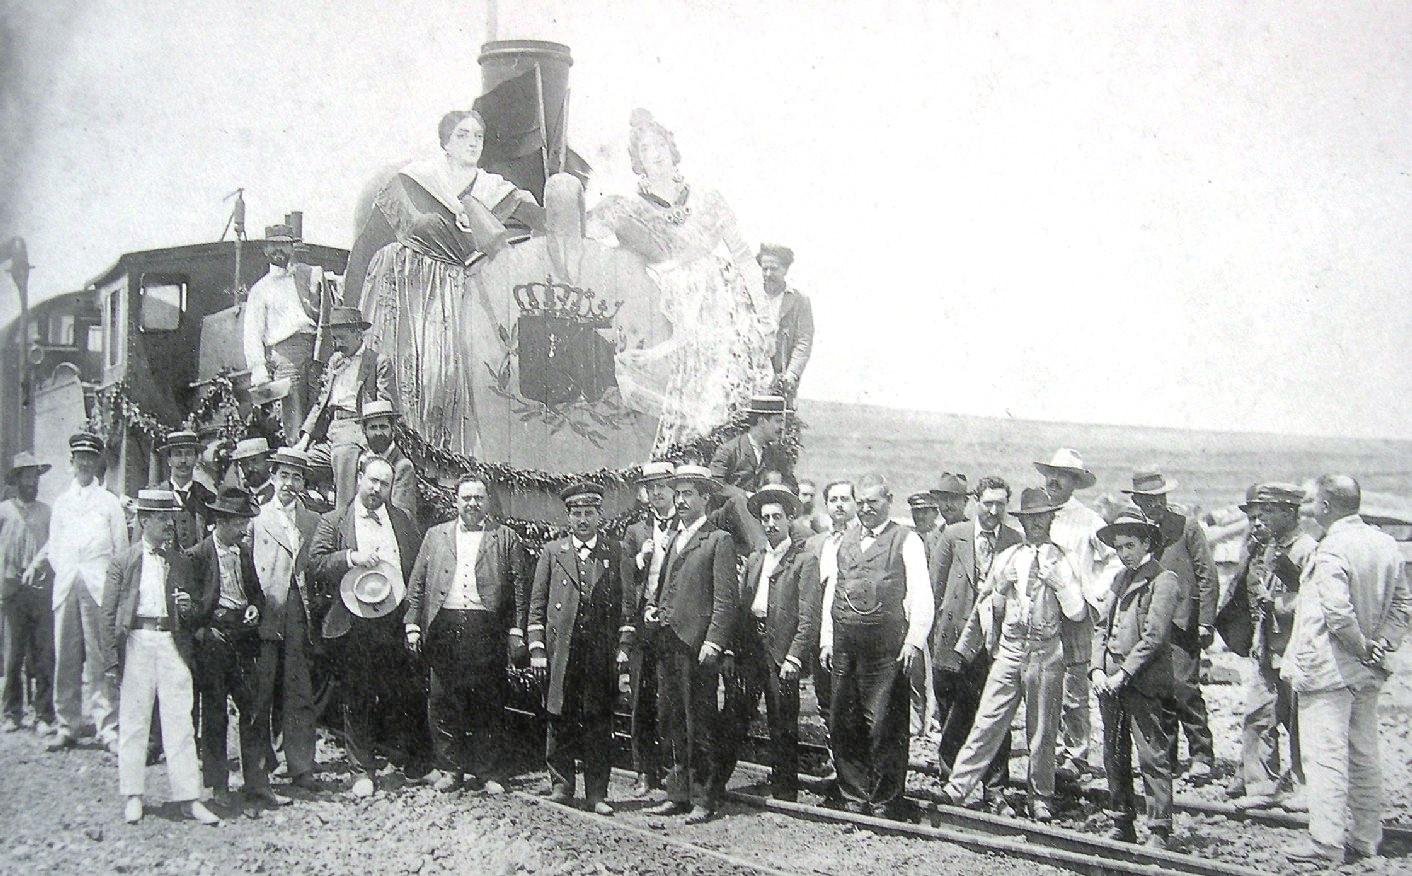 Inauguracion de la linea Caminreal a Zaragoza, fotografo desconocido, Fondo Santiago Parra